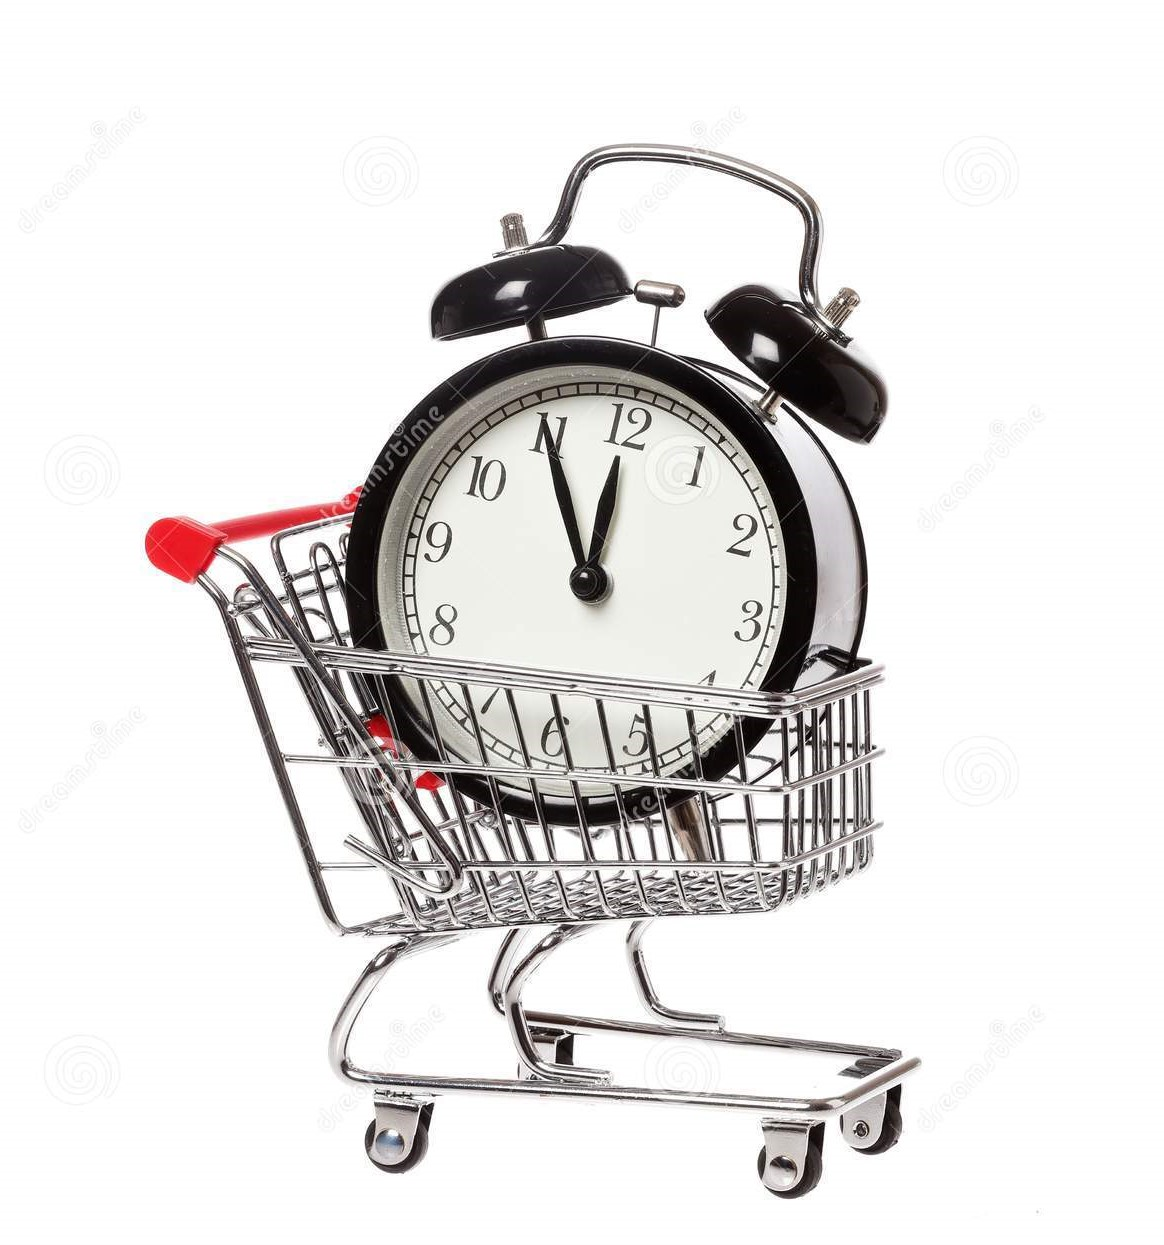 c31df0b8805 In februari schreef ik dat ik overwoog om extra verlofdagen bij te kopen.  Ik schreef toen dat we bij ons bedrijf maximaal 13 dagen per jaar kunnen  bijkopen.